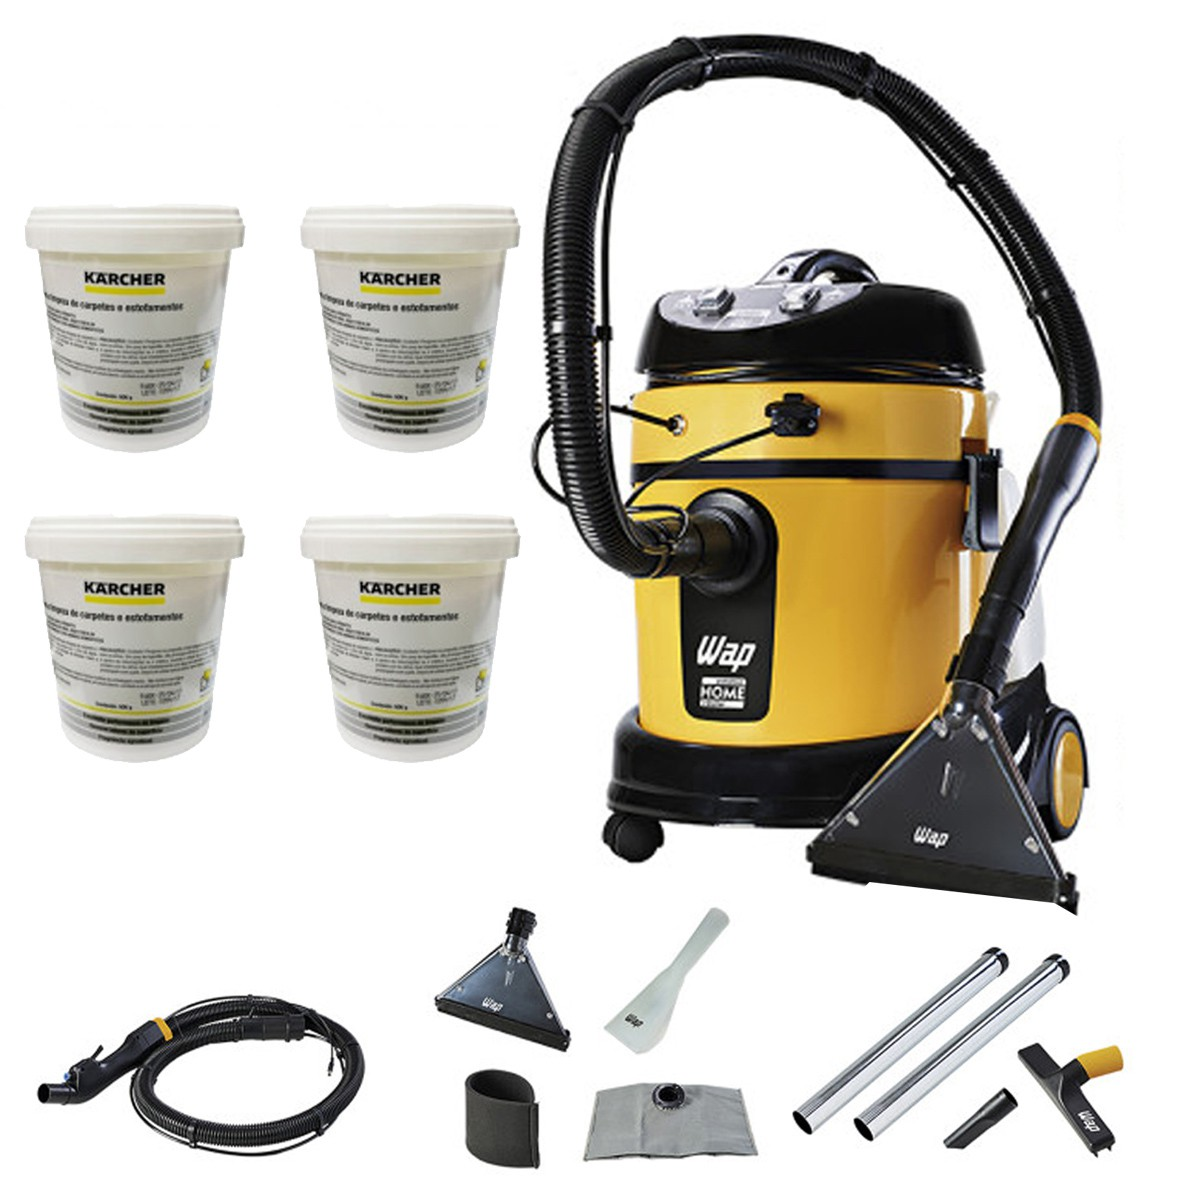 EXTRATORA WAP HOME CLEANER COM 4 DETERGENTES RM 760